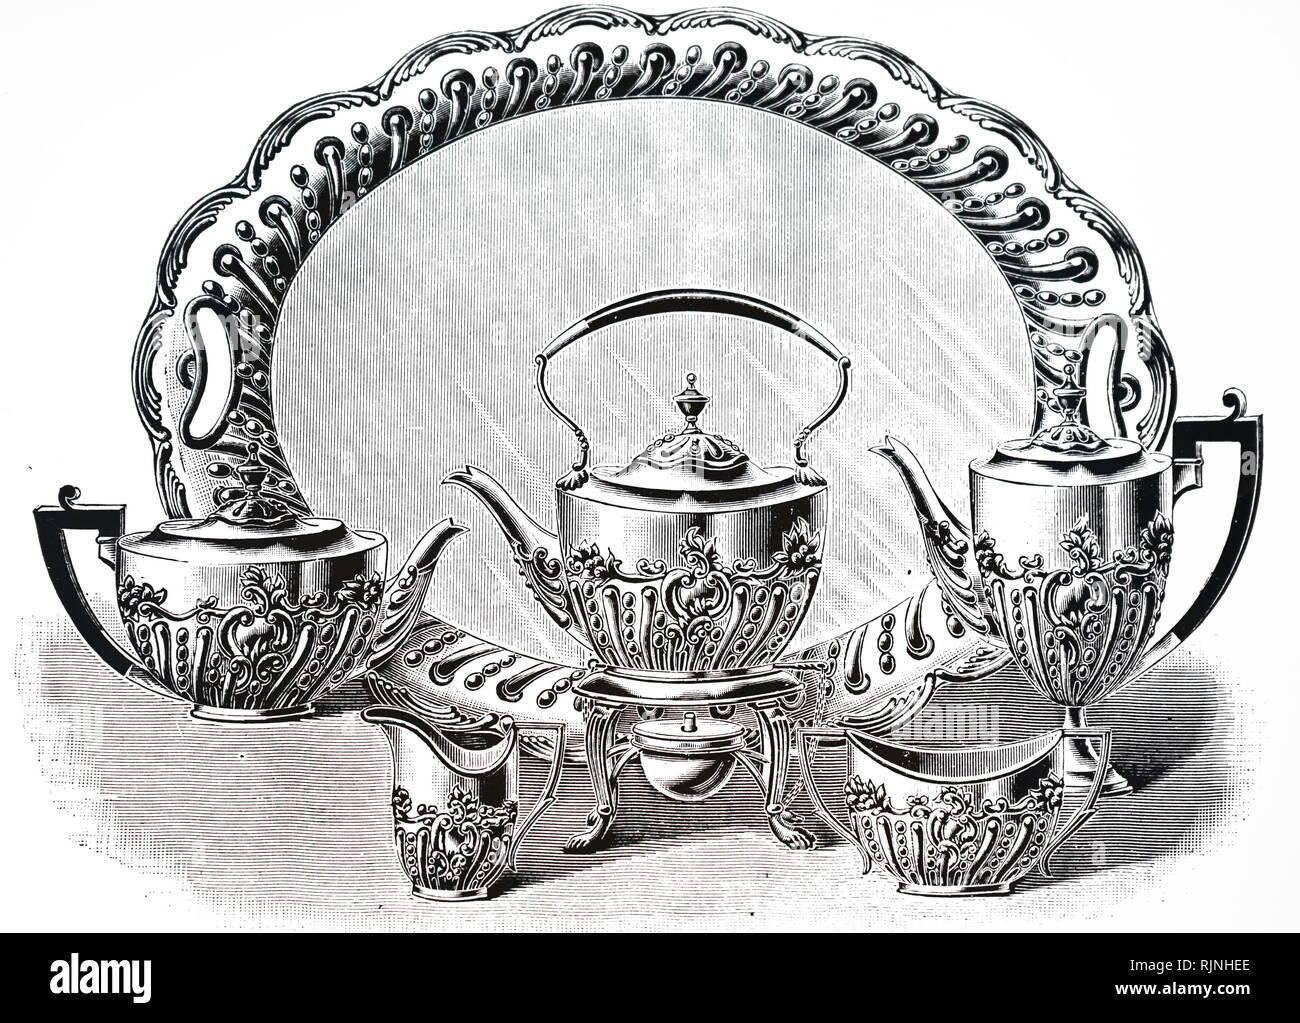 Eine Werbung für den Goldschmied und Silberschmied des Unternehmens eine solide Silber Tee Service. Vom 19. Jahrhundert Stockbild